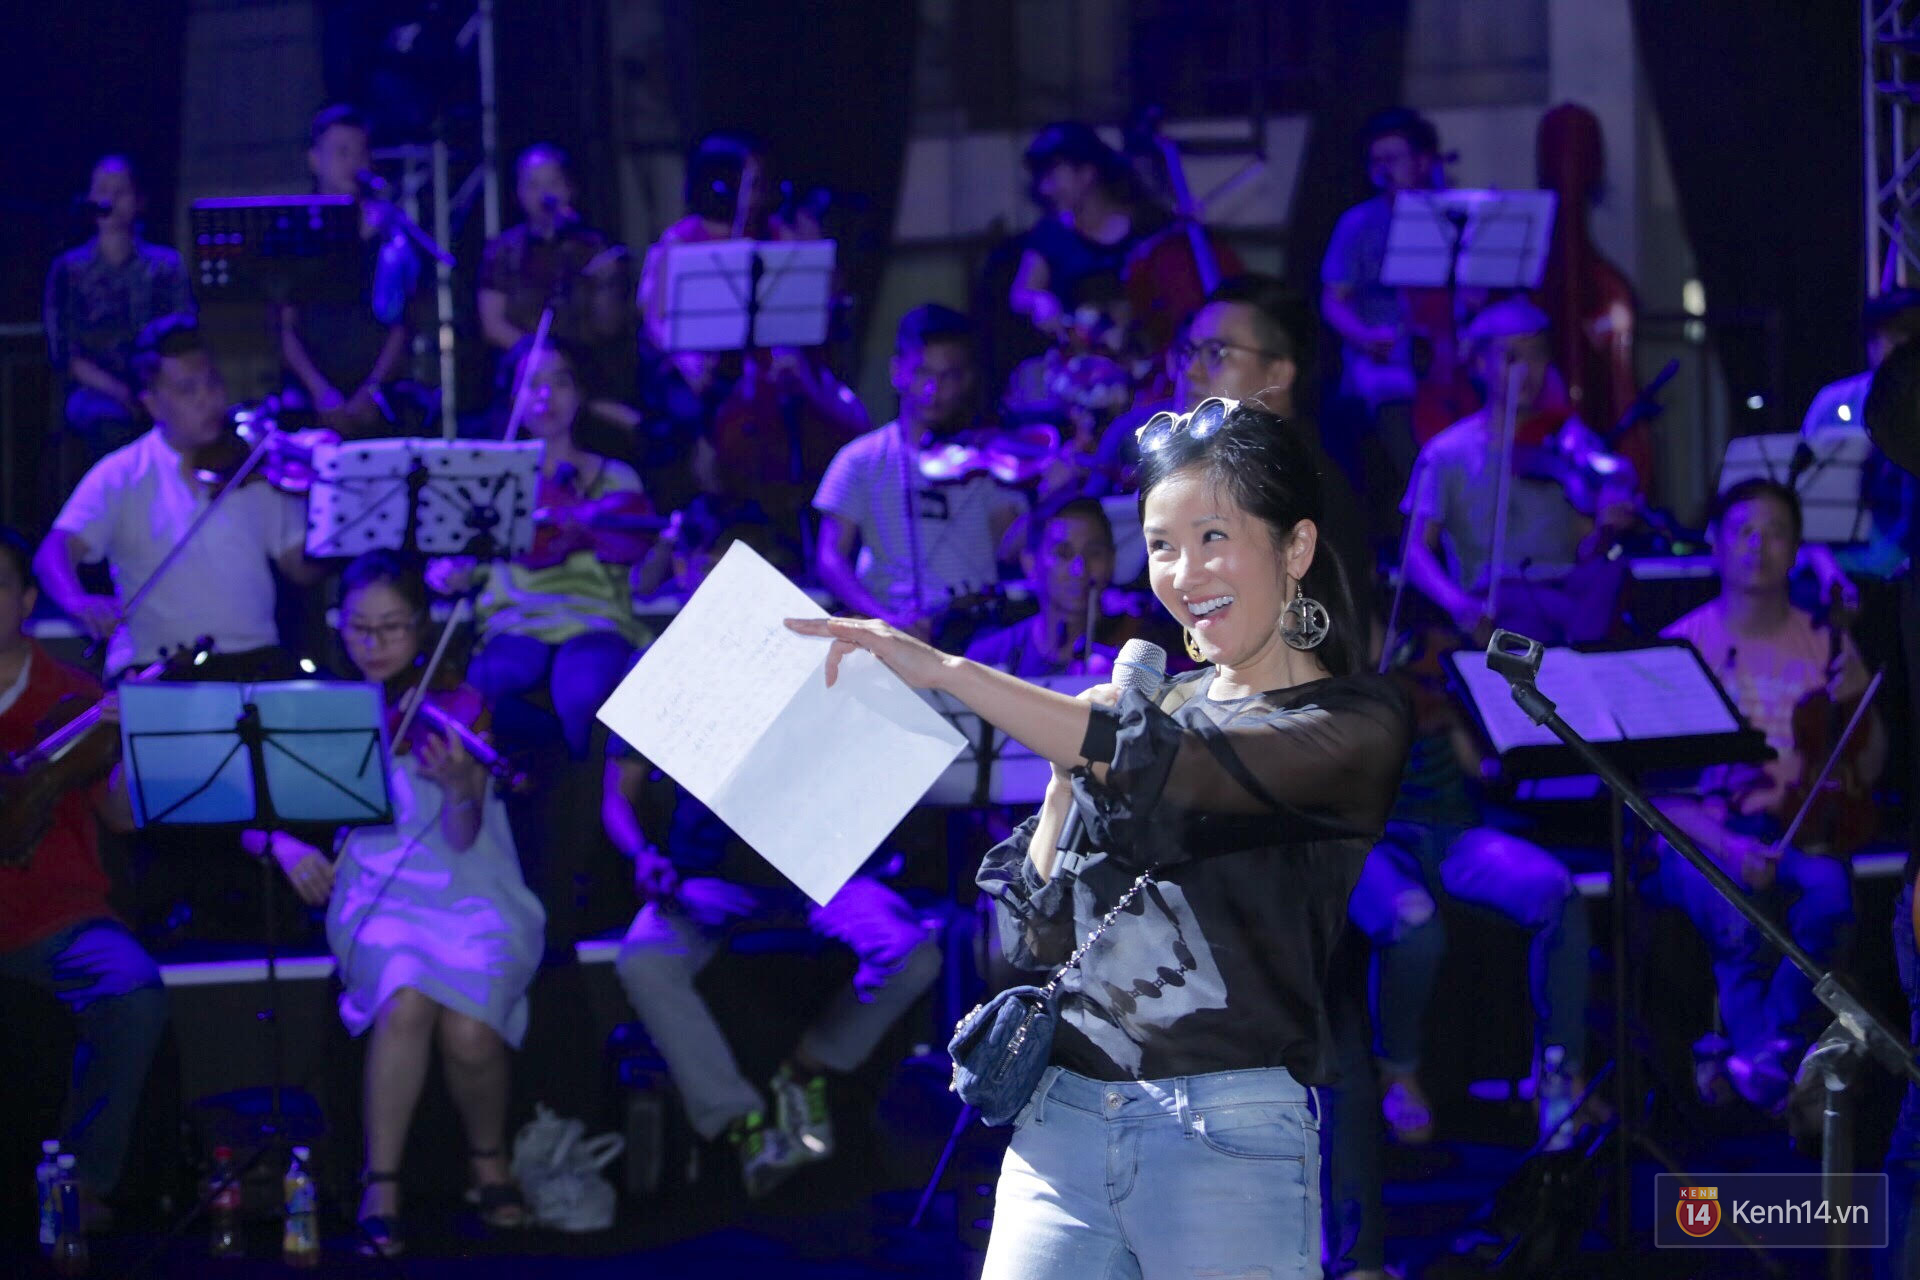 Diva Hồng Nhung gây xúc động, trình diễn như lên đồng tại buổi tổng duyệt Gala WeChoice Awards 2016 - Ảnh 2.